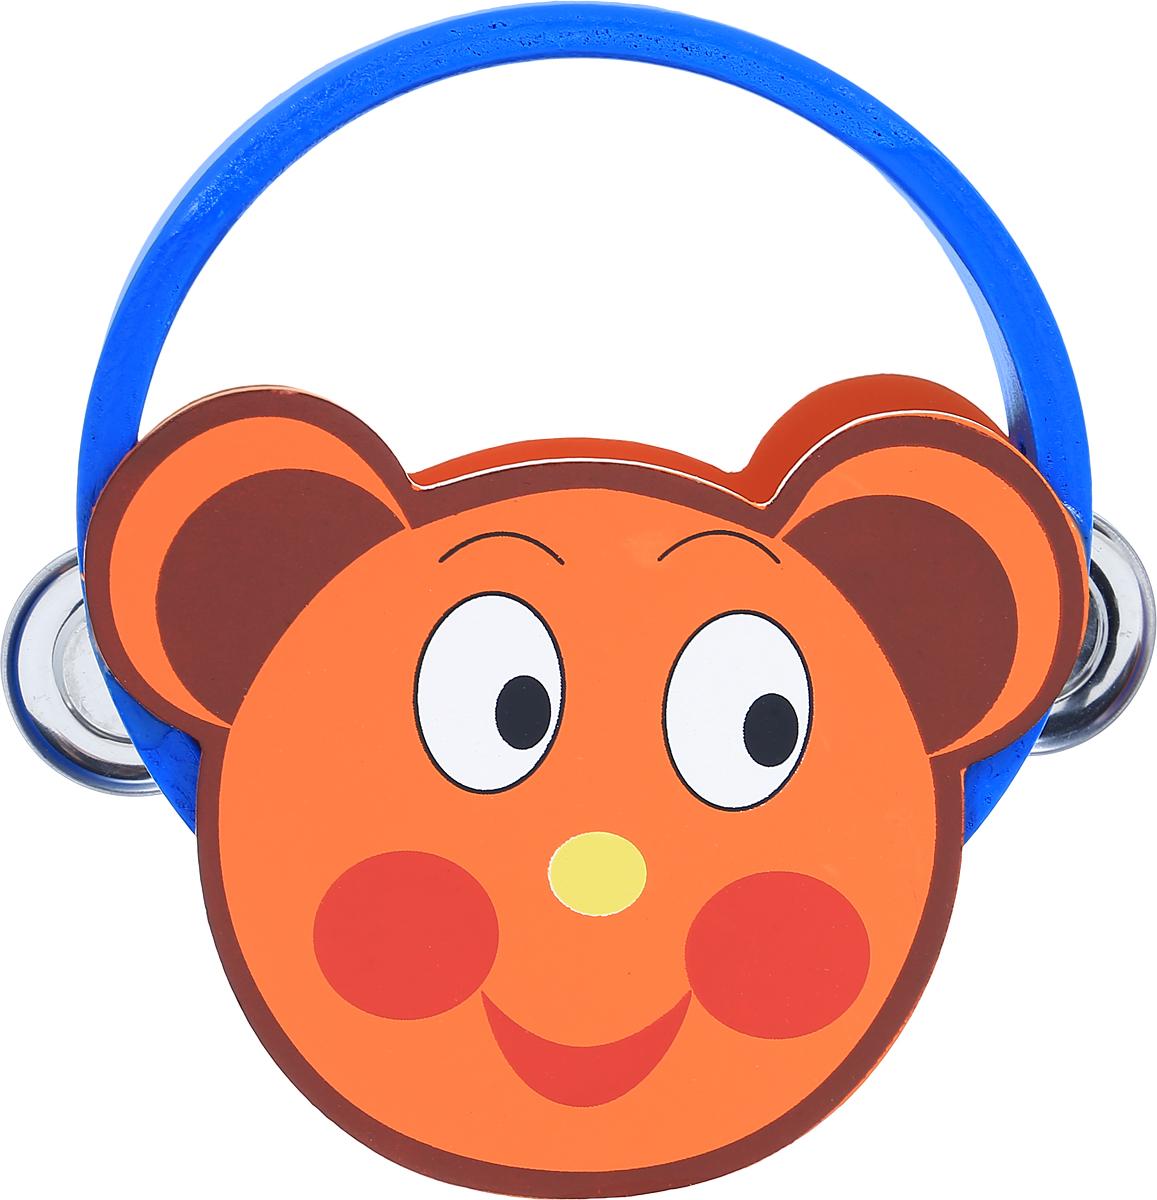 Фабрика Фантазий Бубен Медвежонок40072_оранжевый, синийБубен Фабрика Фантазий Медвежонок доставит огромное удовольствие вашему ребенку и вдохновит его к занятию музыкой. Музыкальный инструмент выполнен в оригинальном дизайне: поверхность бубна деревянная, в виде мордочки медведя, а по бокам ободка имеются прорези со вставленными в них металлическими пластинами. Играть на бубне можно двумя способами: встряхивая его или ударяя об его поверхность. Бубен Фабрика Фантазий Медвежонок способствует развитию звуковосприятия, чувства ритма и музыкальных способностей у ребенка.